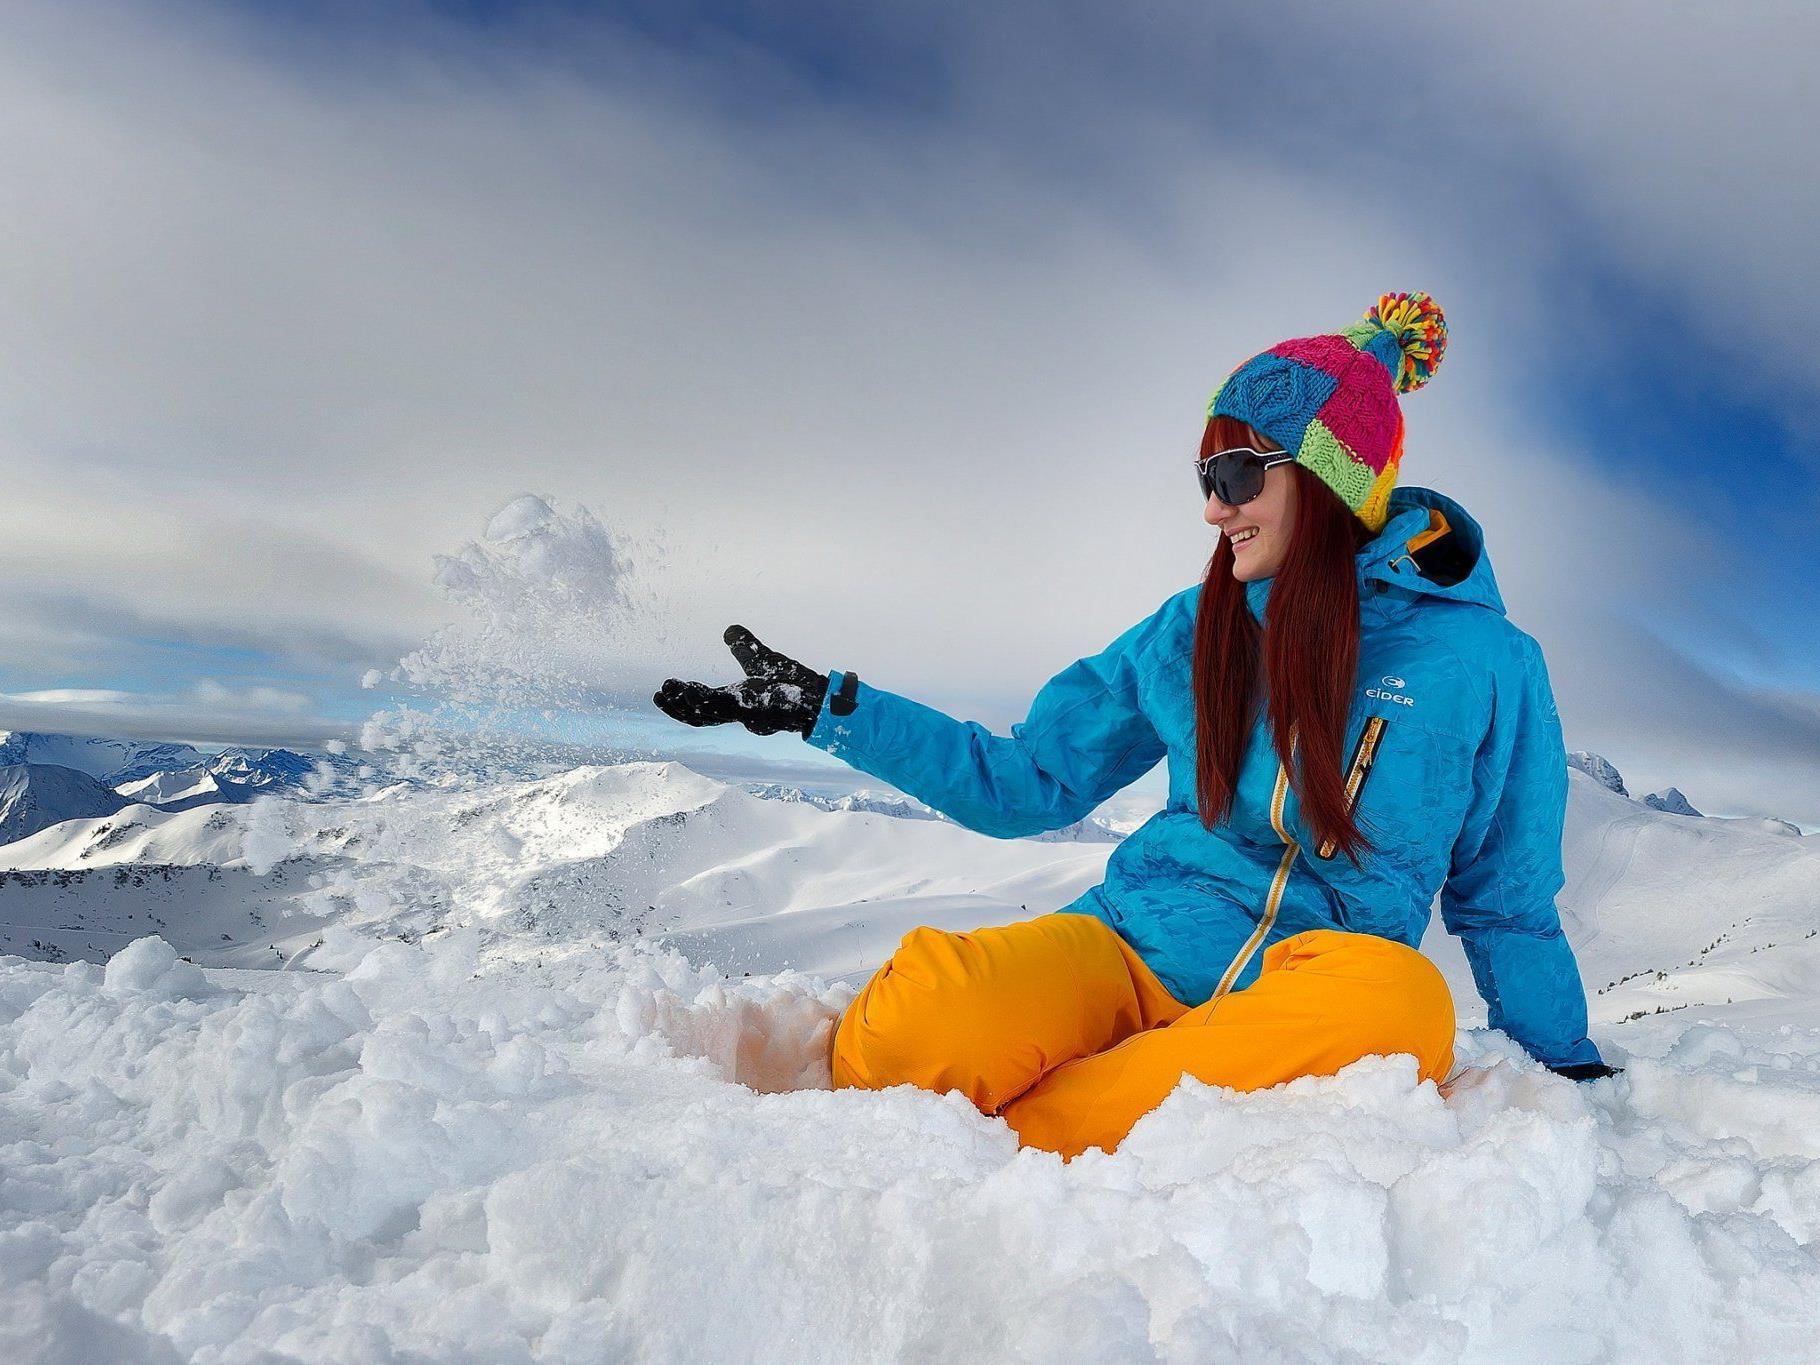 Hoch über der Vorarlberger Gebirgsszenerie genießt Jaqueline Pircher ihr Schnee-Reich Damüls